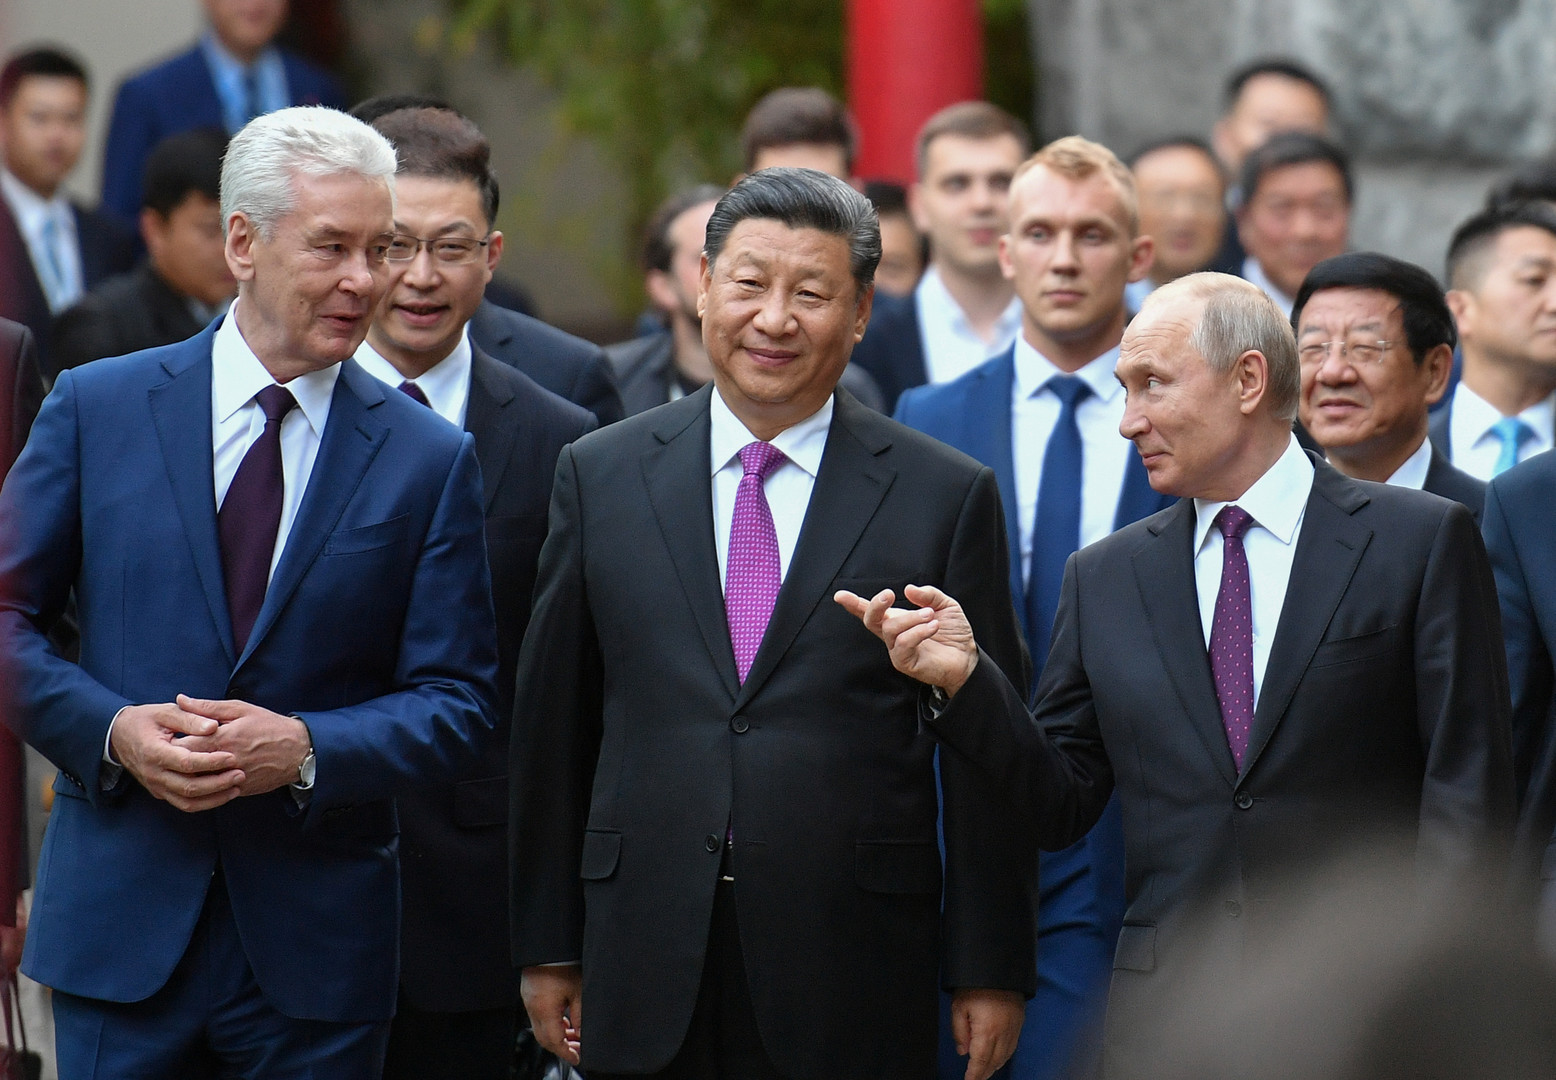 روسيا والصين صديقتان خارج إرادتهما